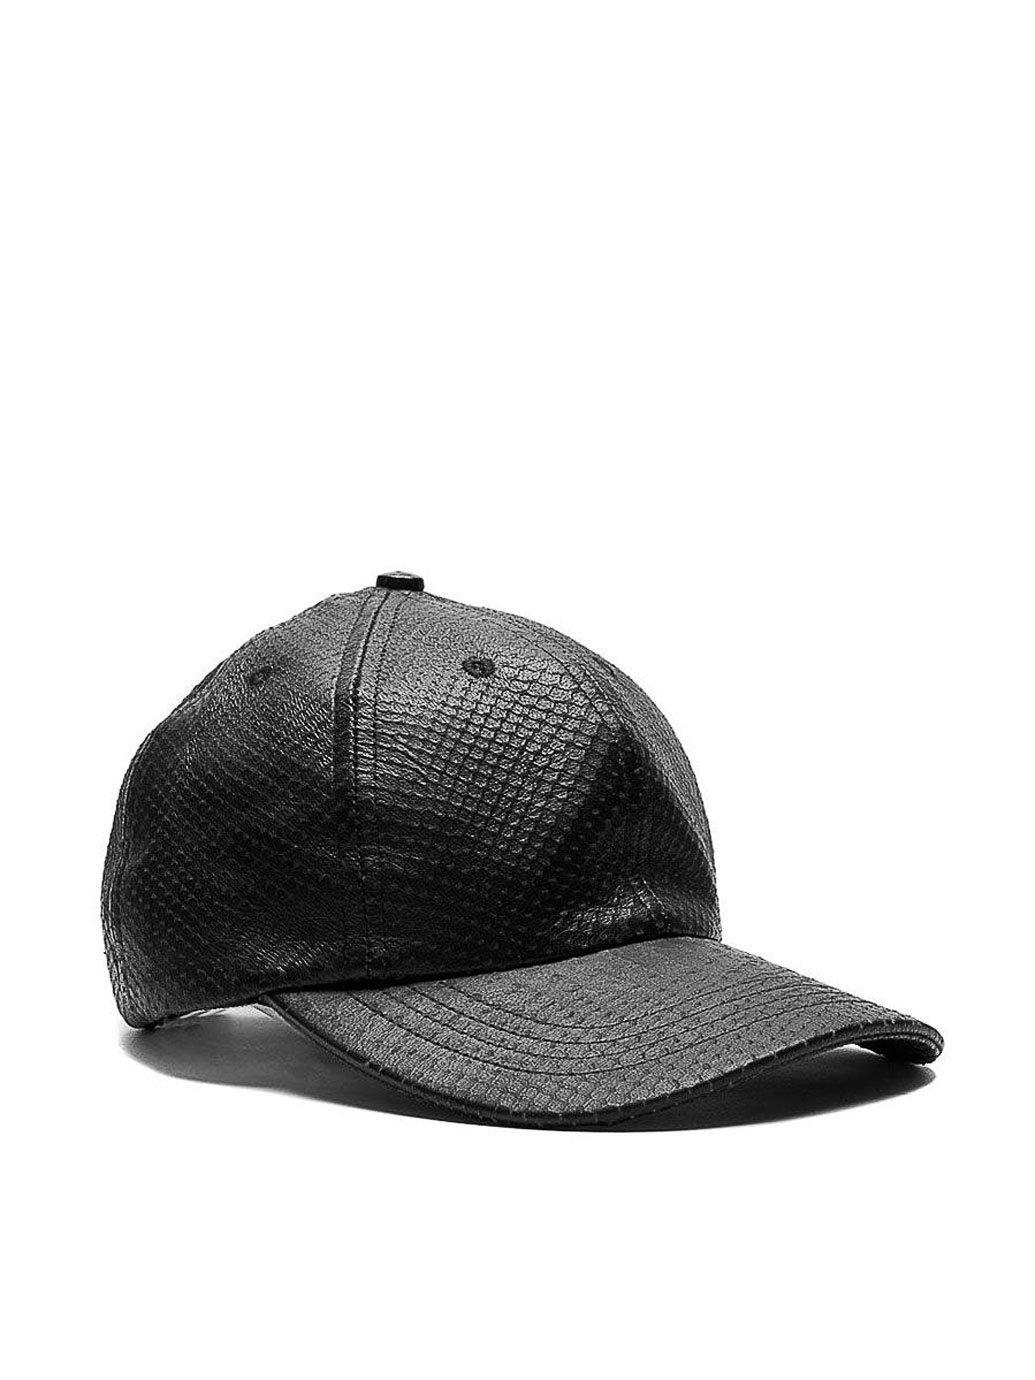 American Apparel Hats April 2017